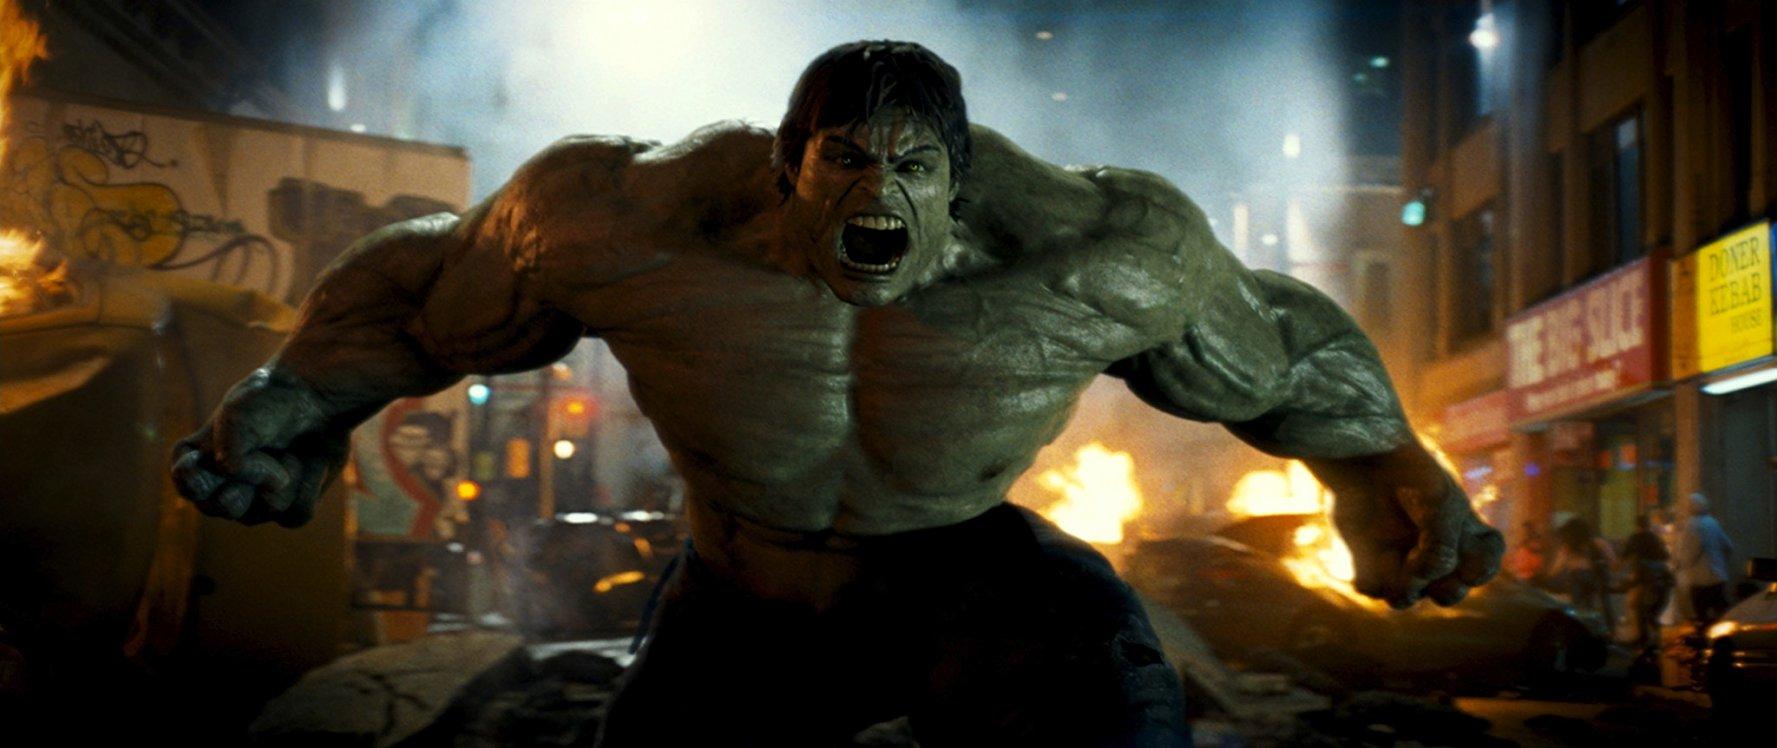 Edward Norton as The Hulk in The Incredible Hulk (2008)